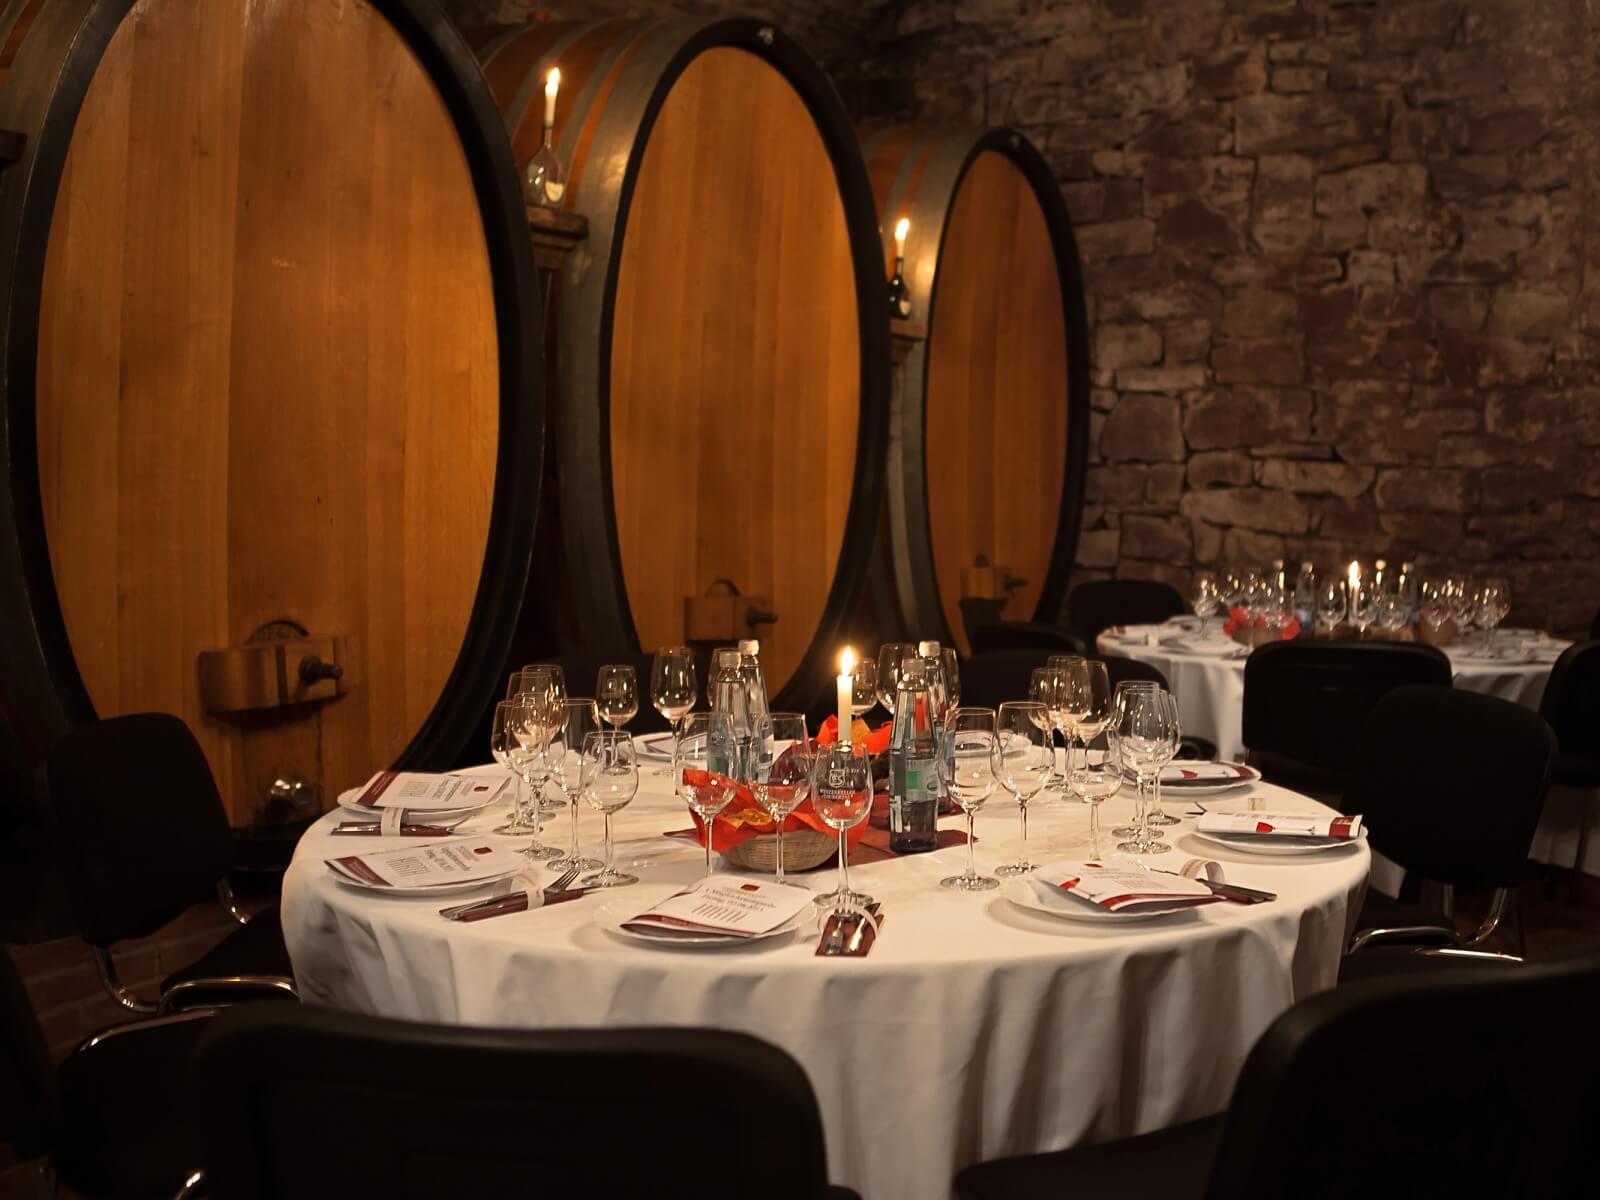 Vogelperspektive in den Gewölbekeller mit Weingläsern und Kerzen auf den Tischen